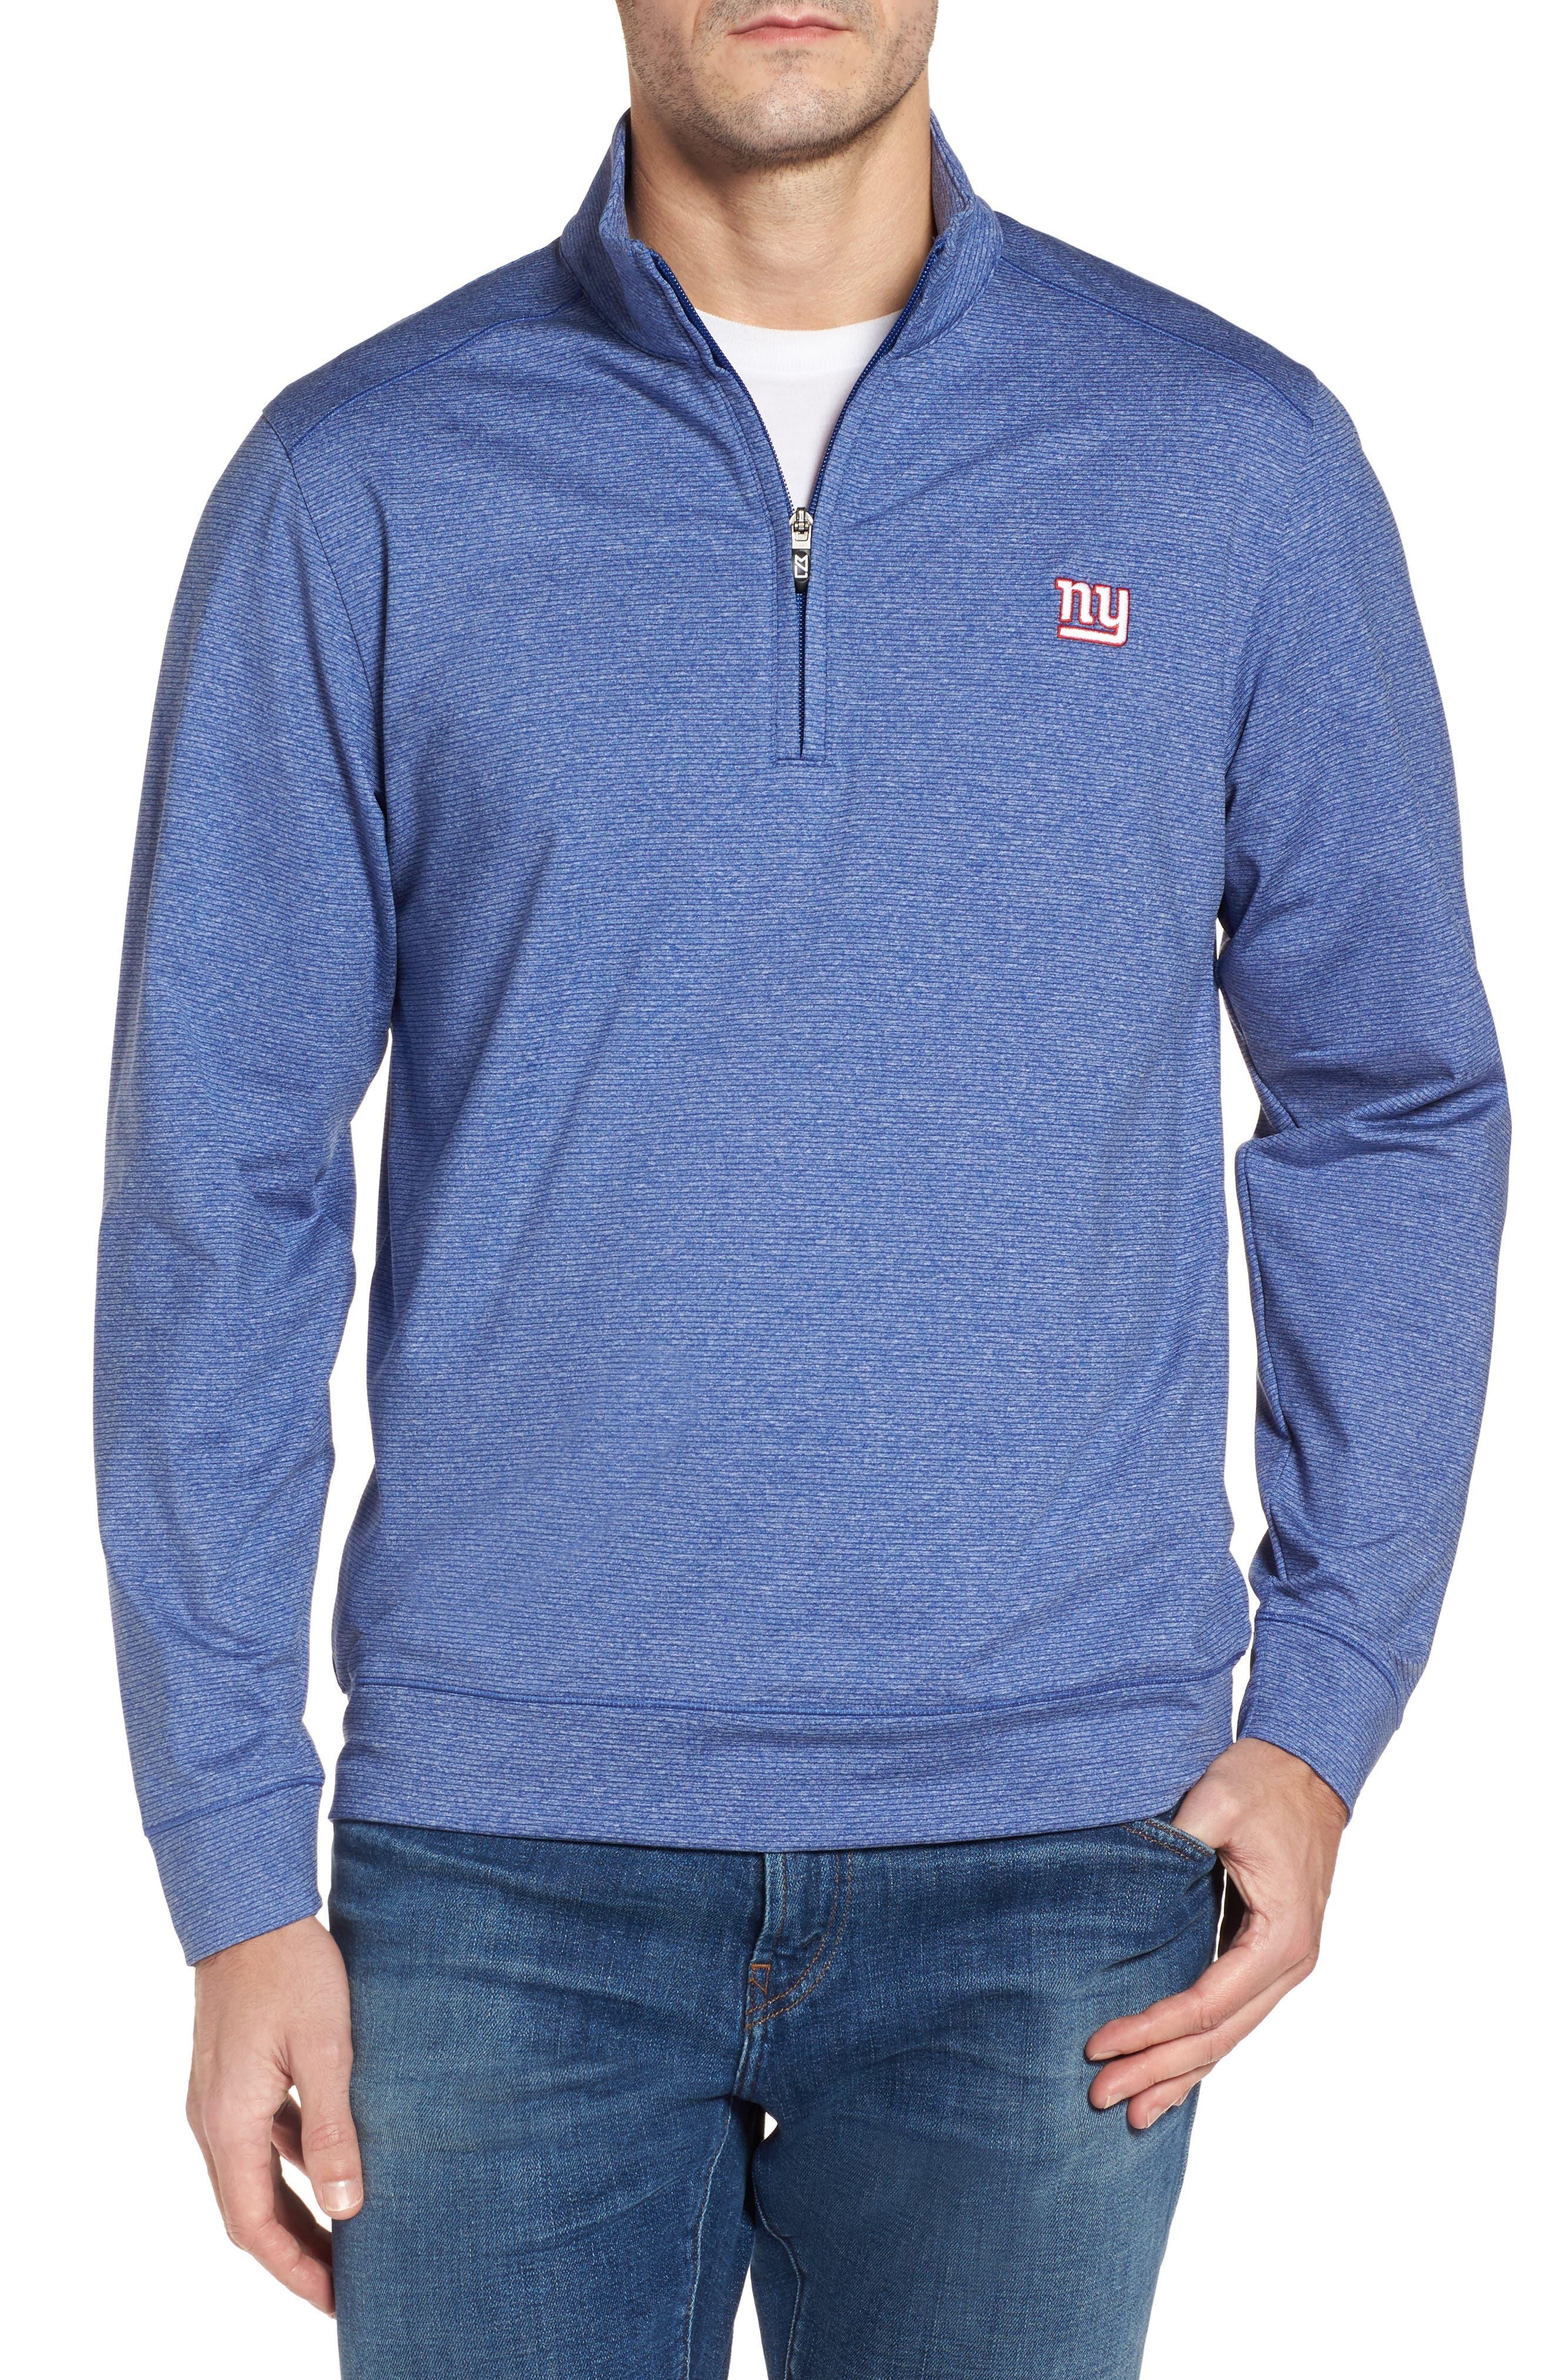 Cutter & Buck Shoreline - New York Giants Half Zip Pullover